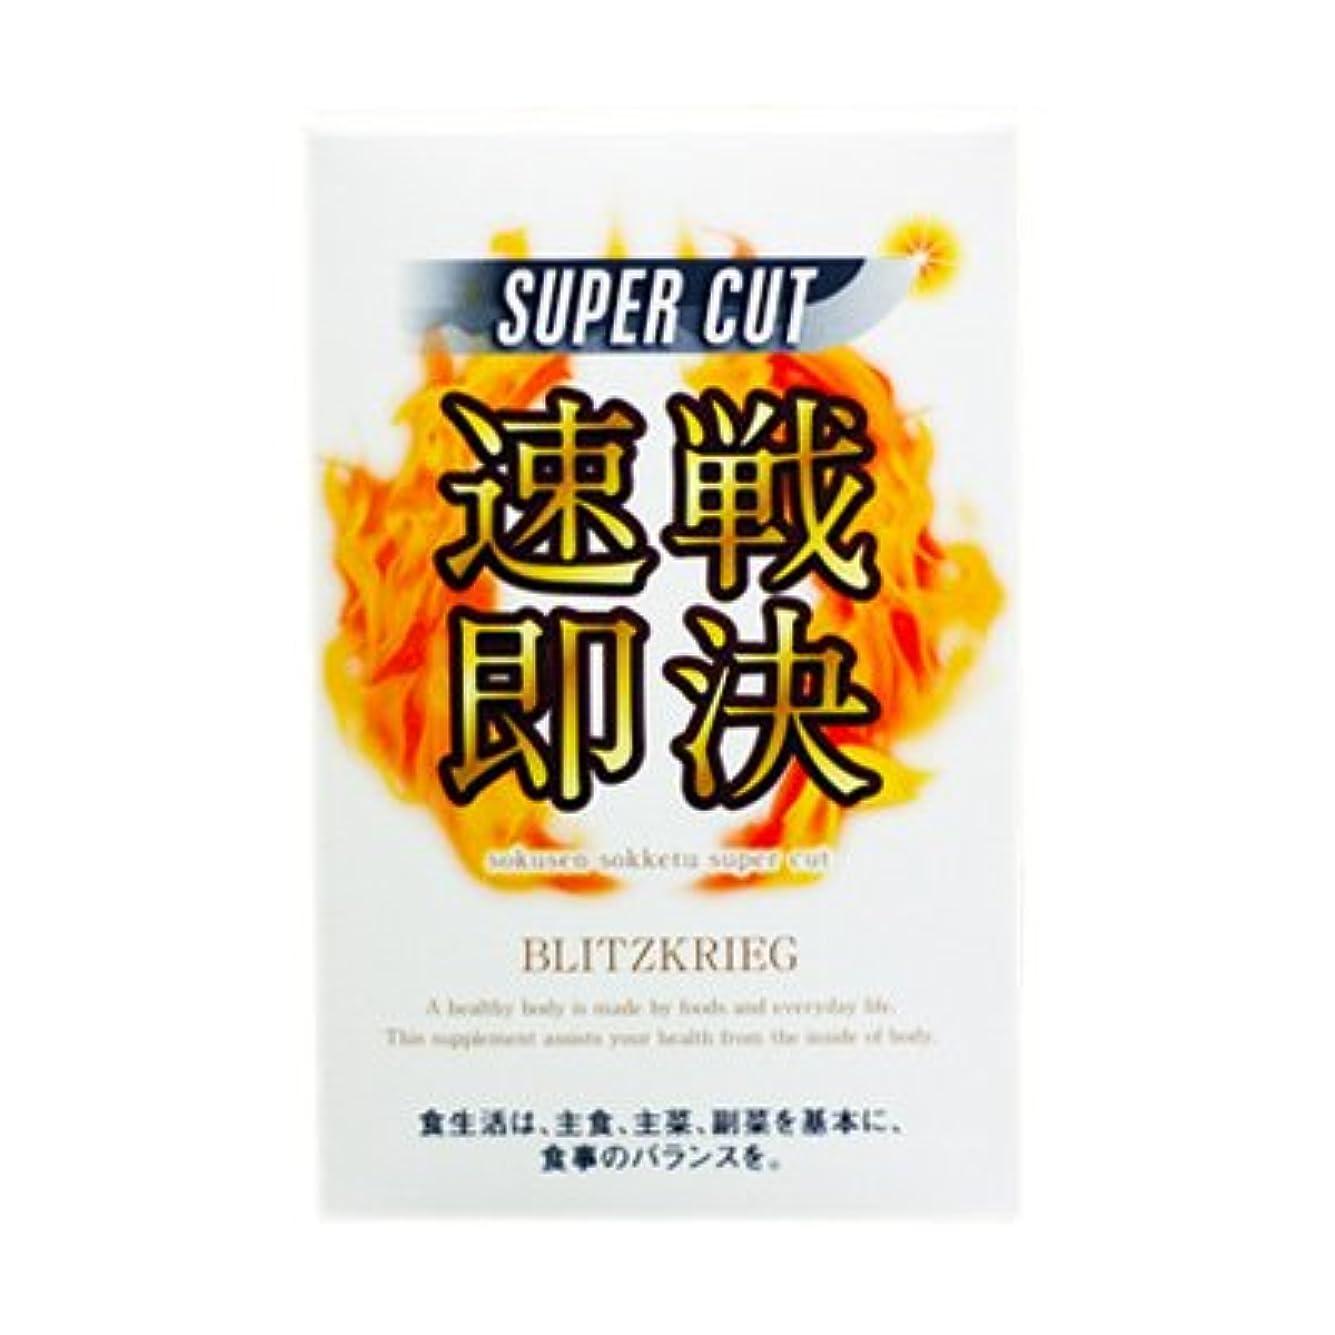 謝罪するヶ月目表示速戦即決 スーパーカット そくせんそっけつ SUPER CUT